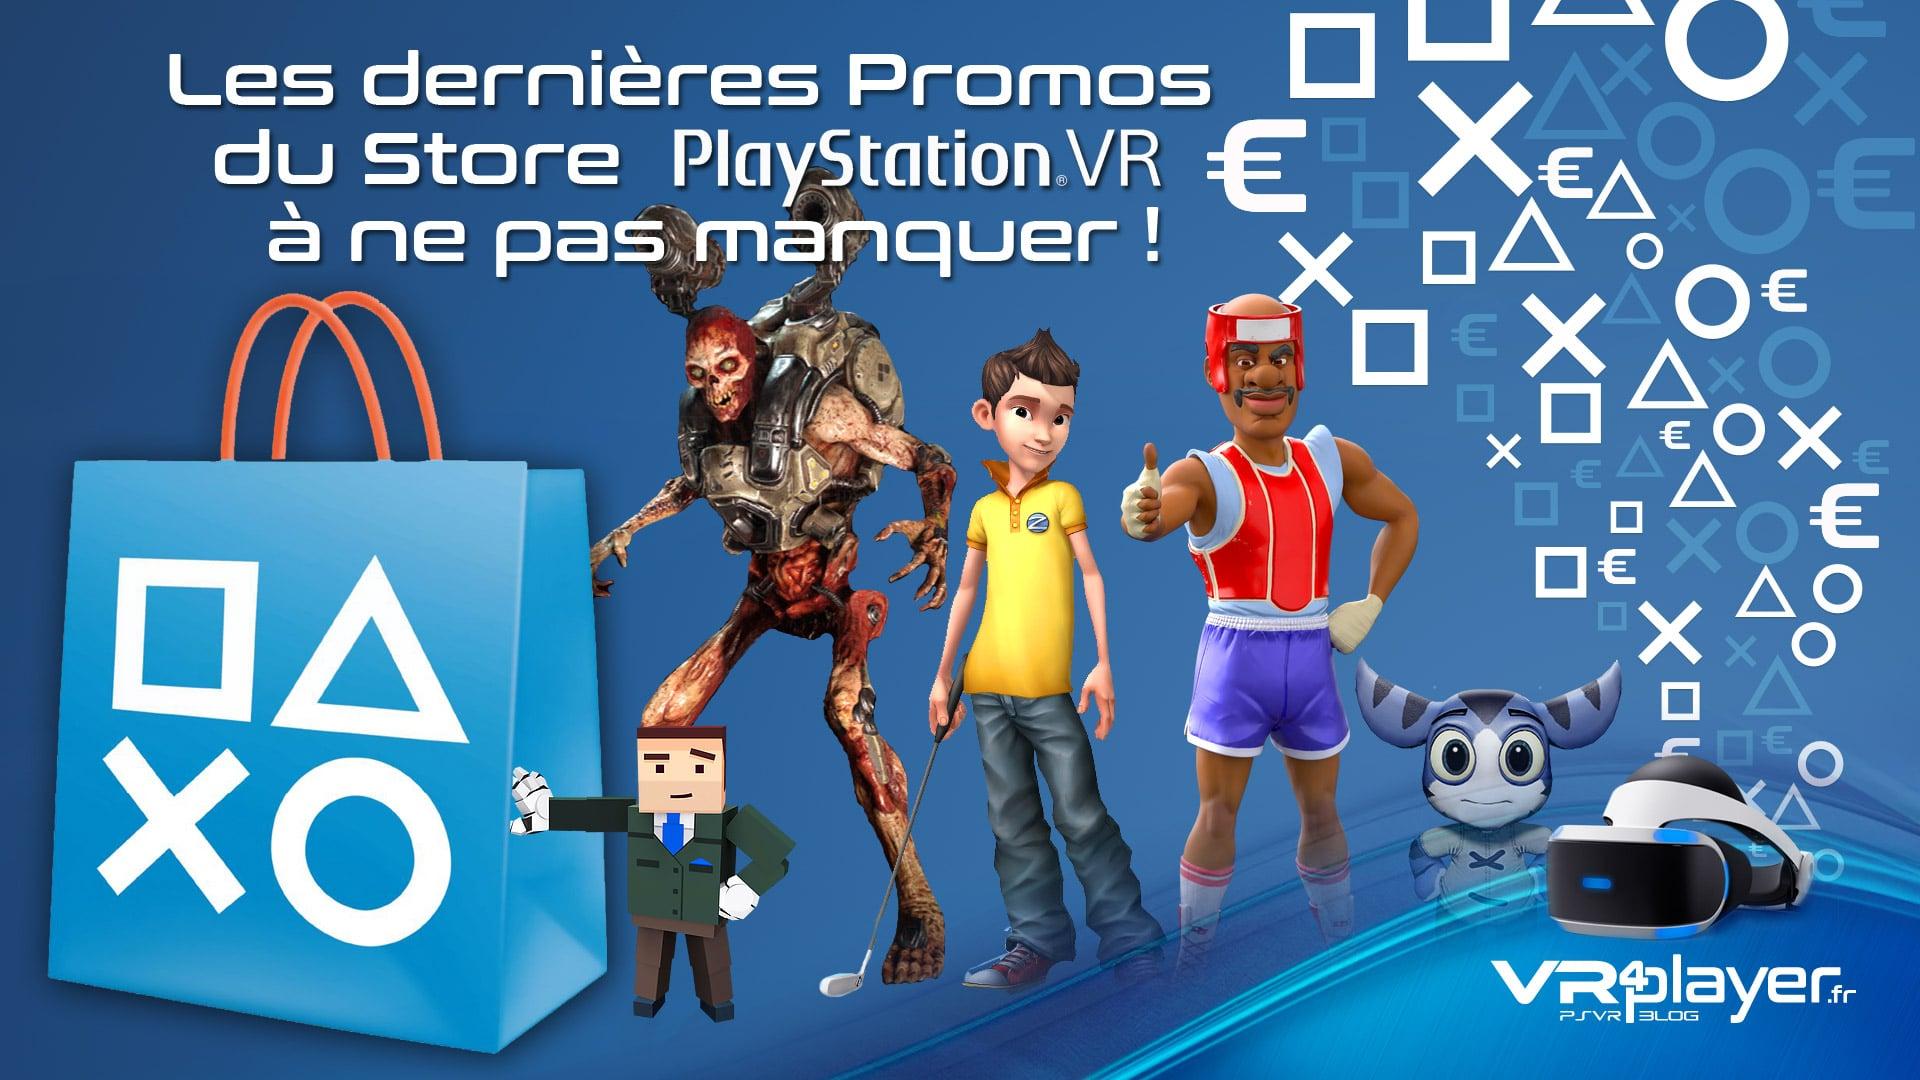 les jeux PSVR soldés à moins de 10 et 20 euros vr4player.fr